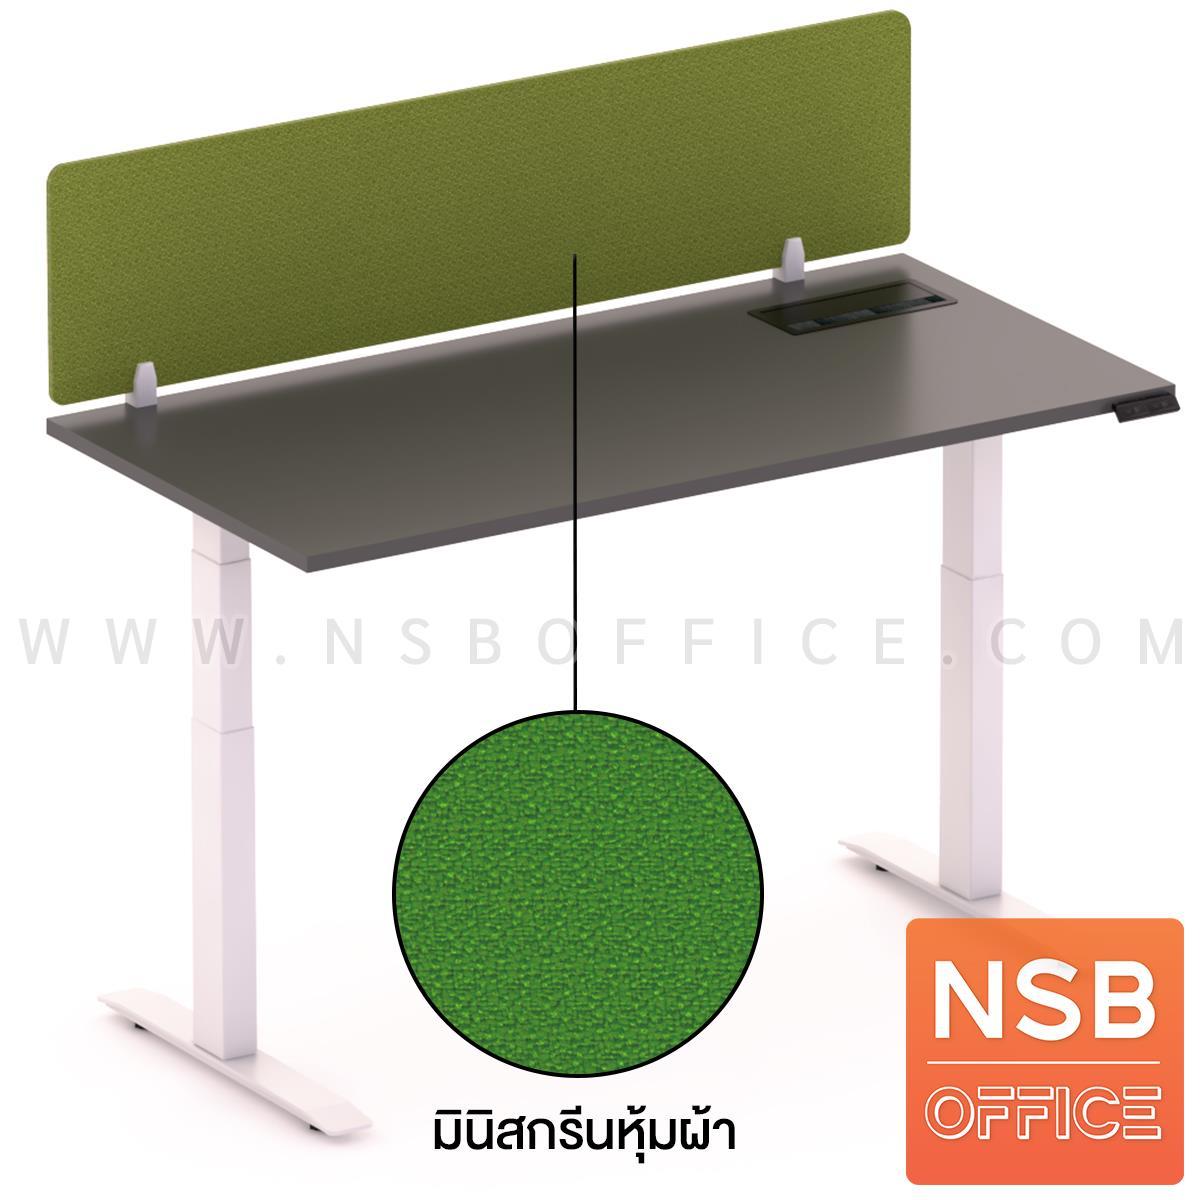 A44A003:โต๊ะทำงาน Sit 2 Stand ระบบไฟฟ้า  รุ่น Flaxen 2 (แฟลกซ์เซ็น 2) ขนาด 150W, 180W cm.  มินิสกรีนผ้า พร้อมป็อปอัพรุ่น A24A057